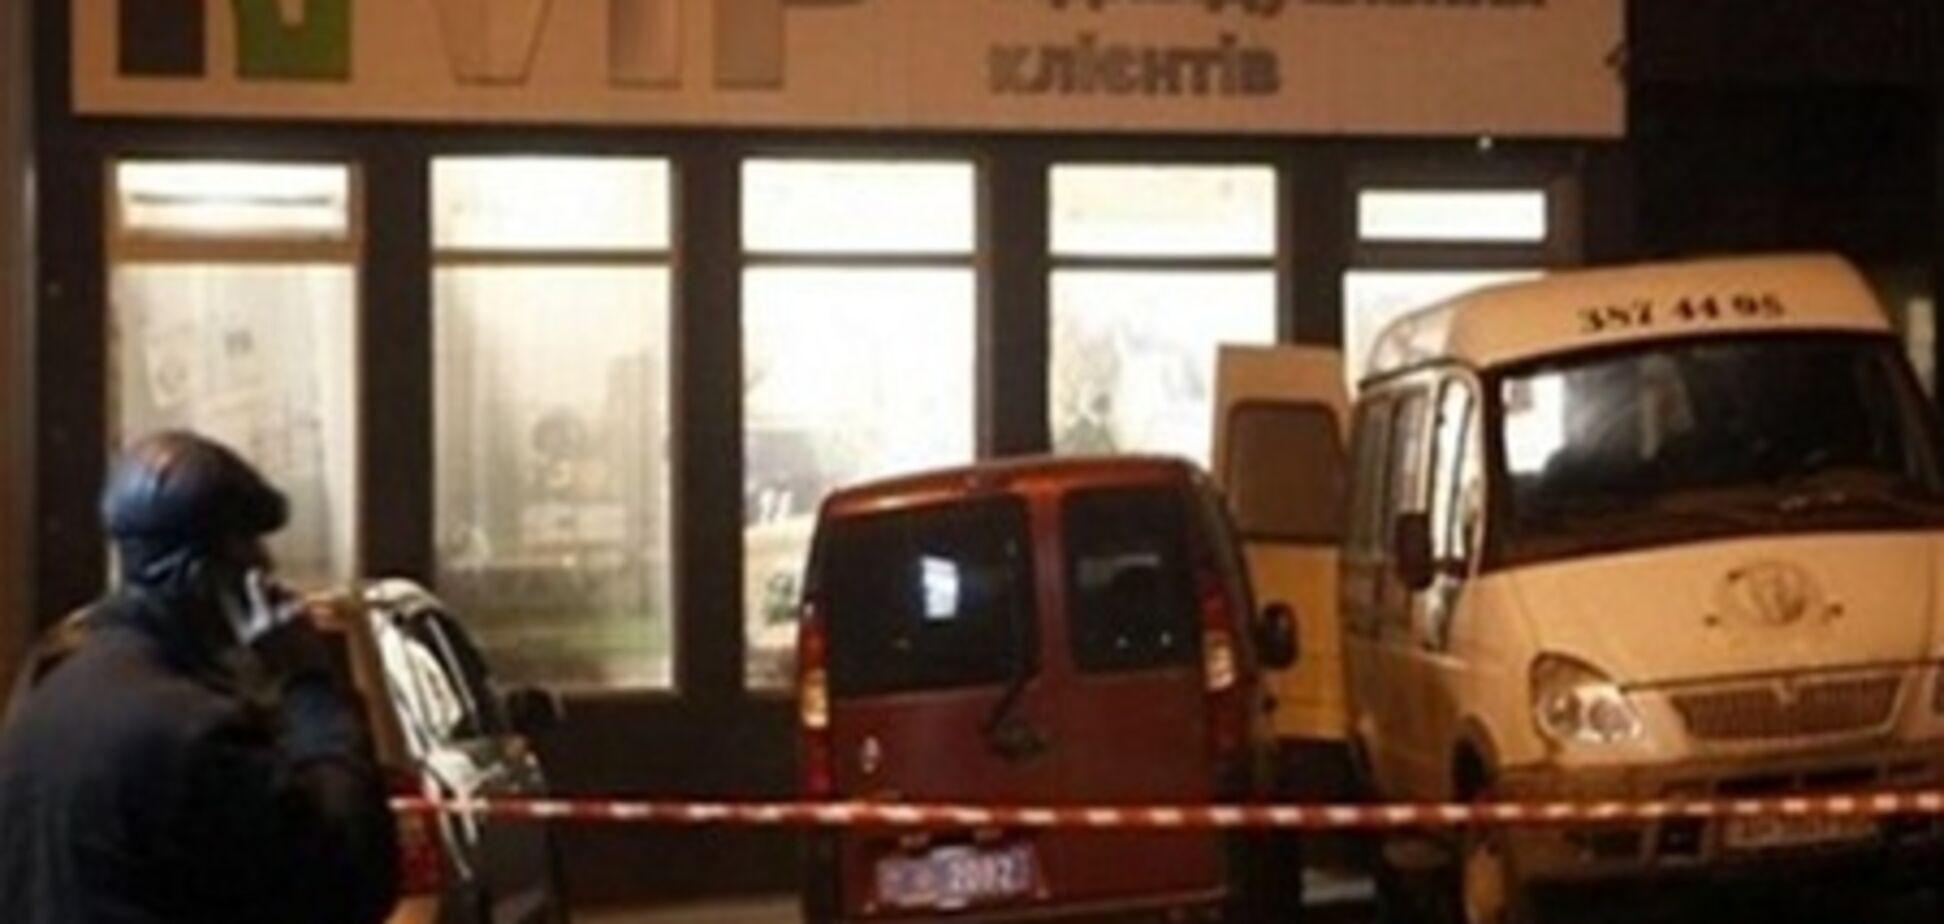 Подозреваемым в убийстве сотрудников ПриватБанка выдвинули обвинение